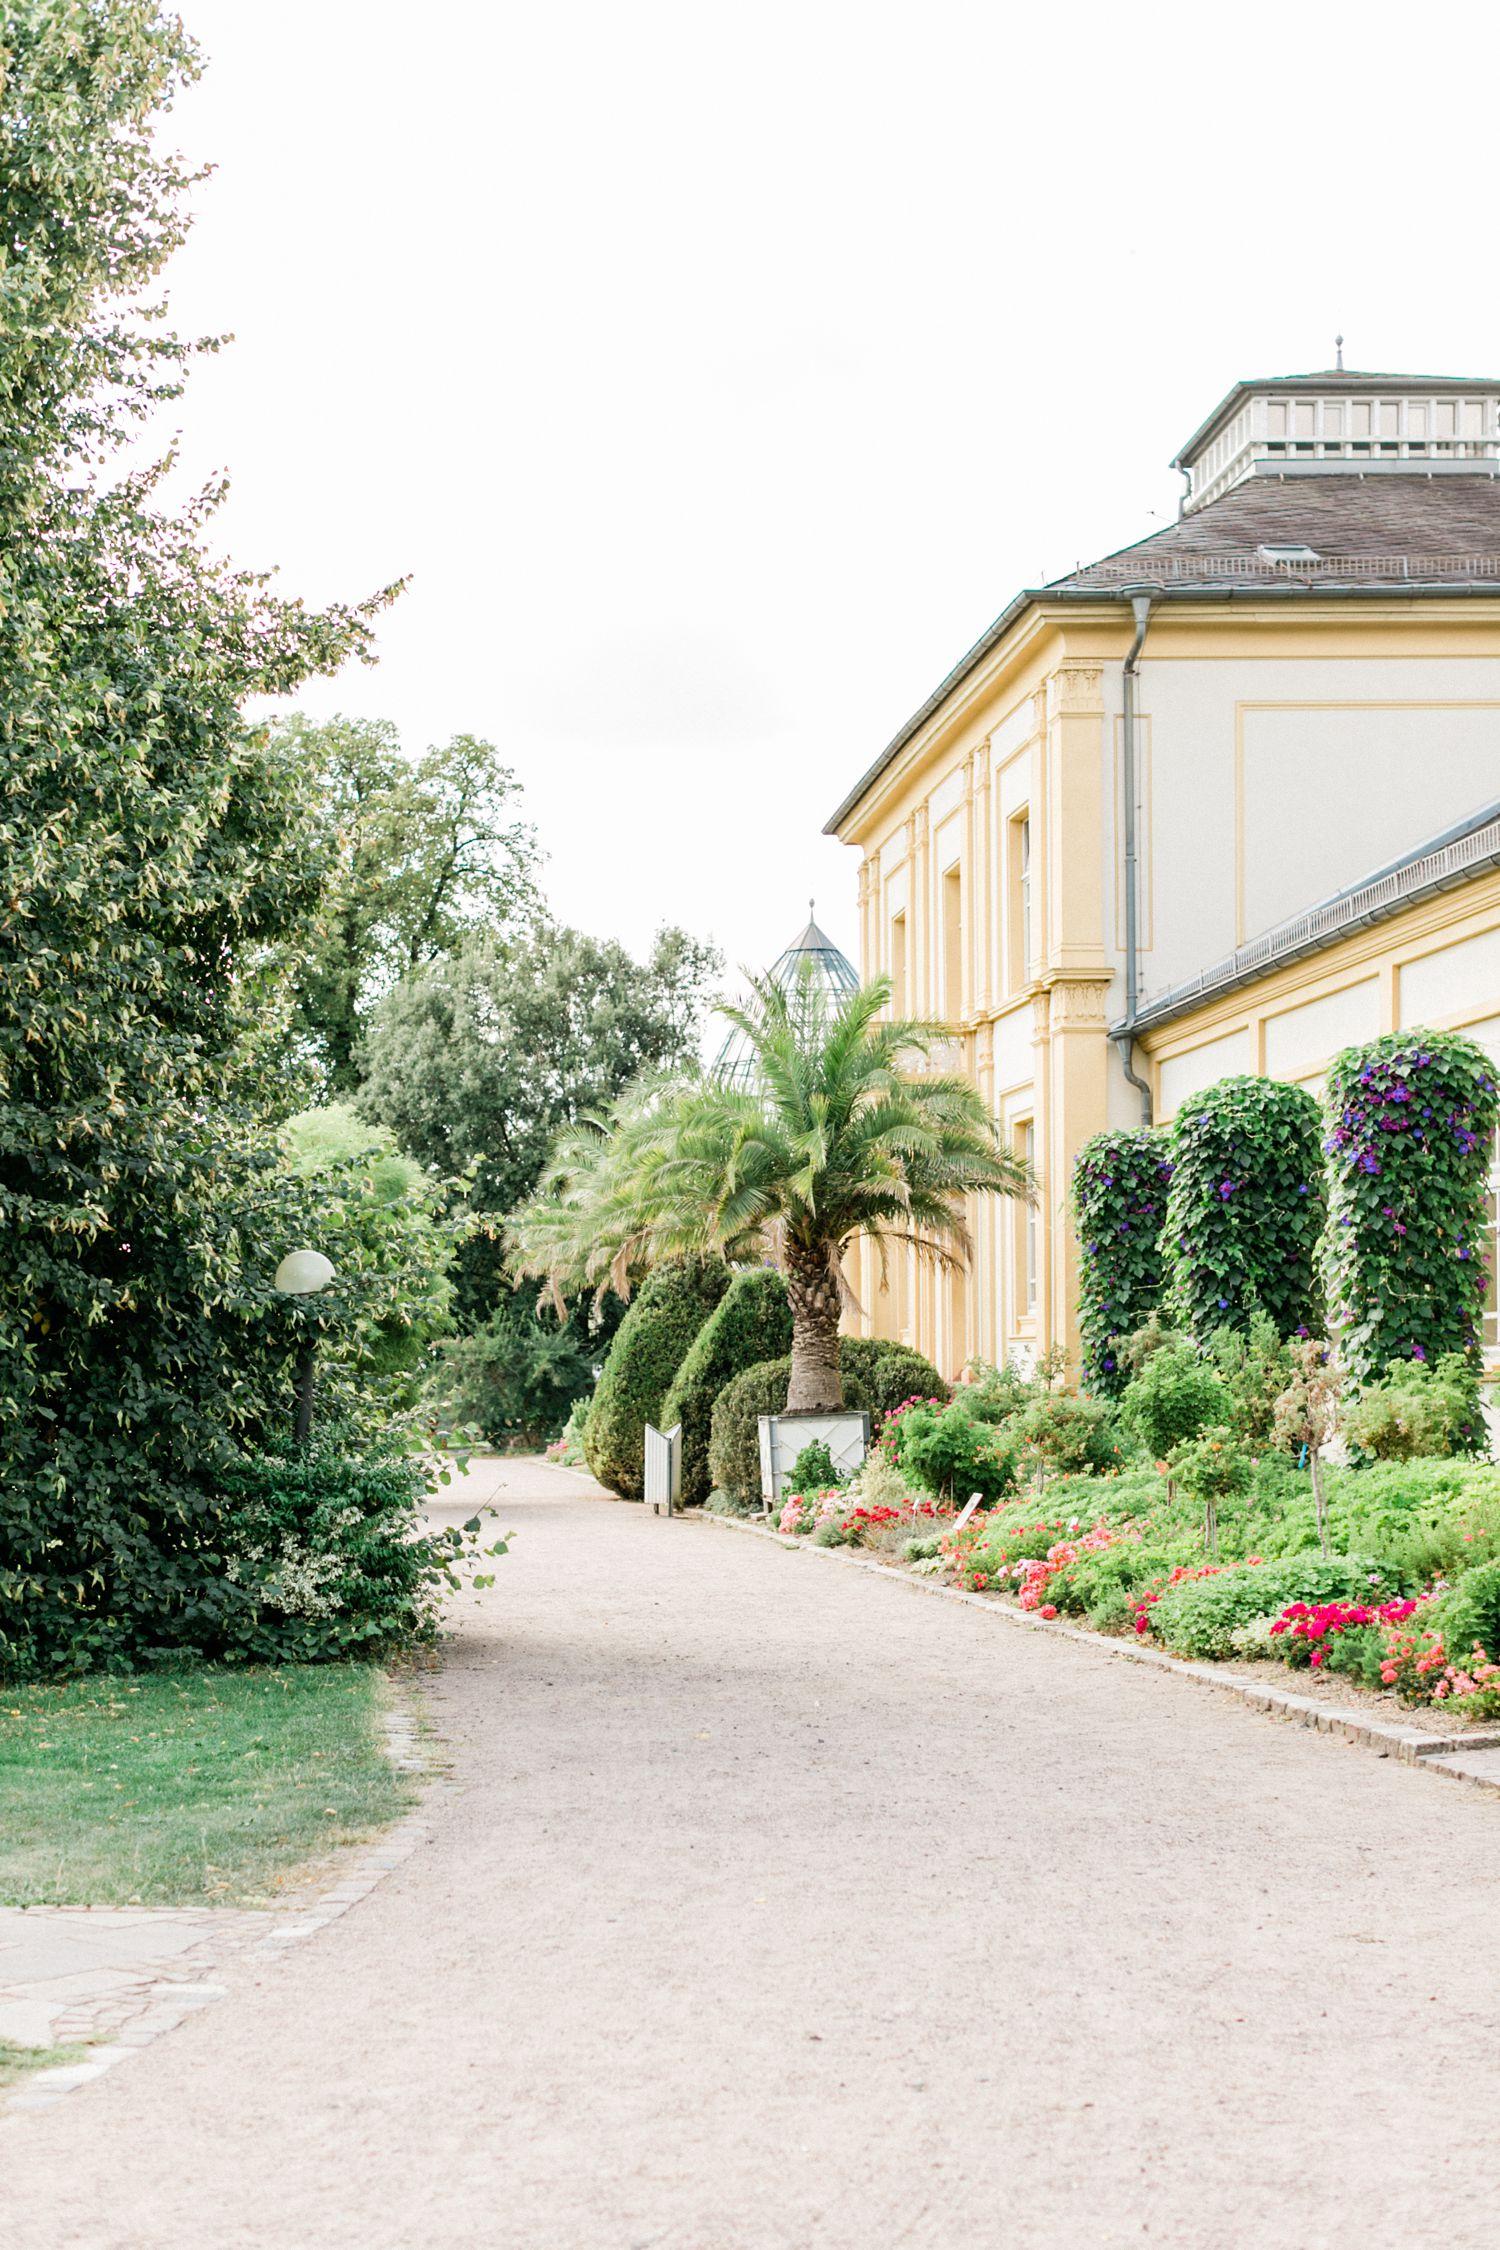 hochzeitsfotografin-after-wedding-shooting-frankfurt-destination-wedding-ewigmein-fine-art-hochzeitsfotografie_0615